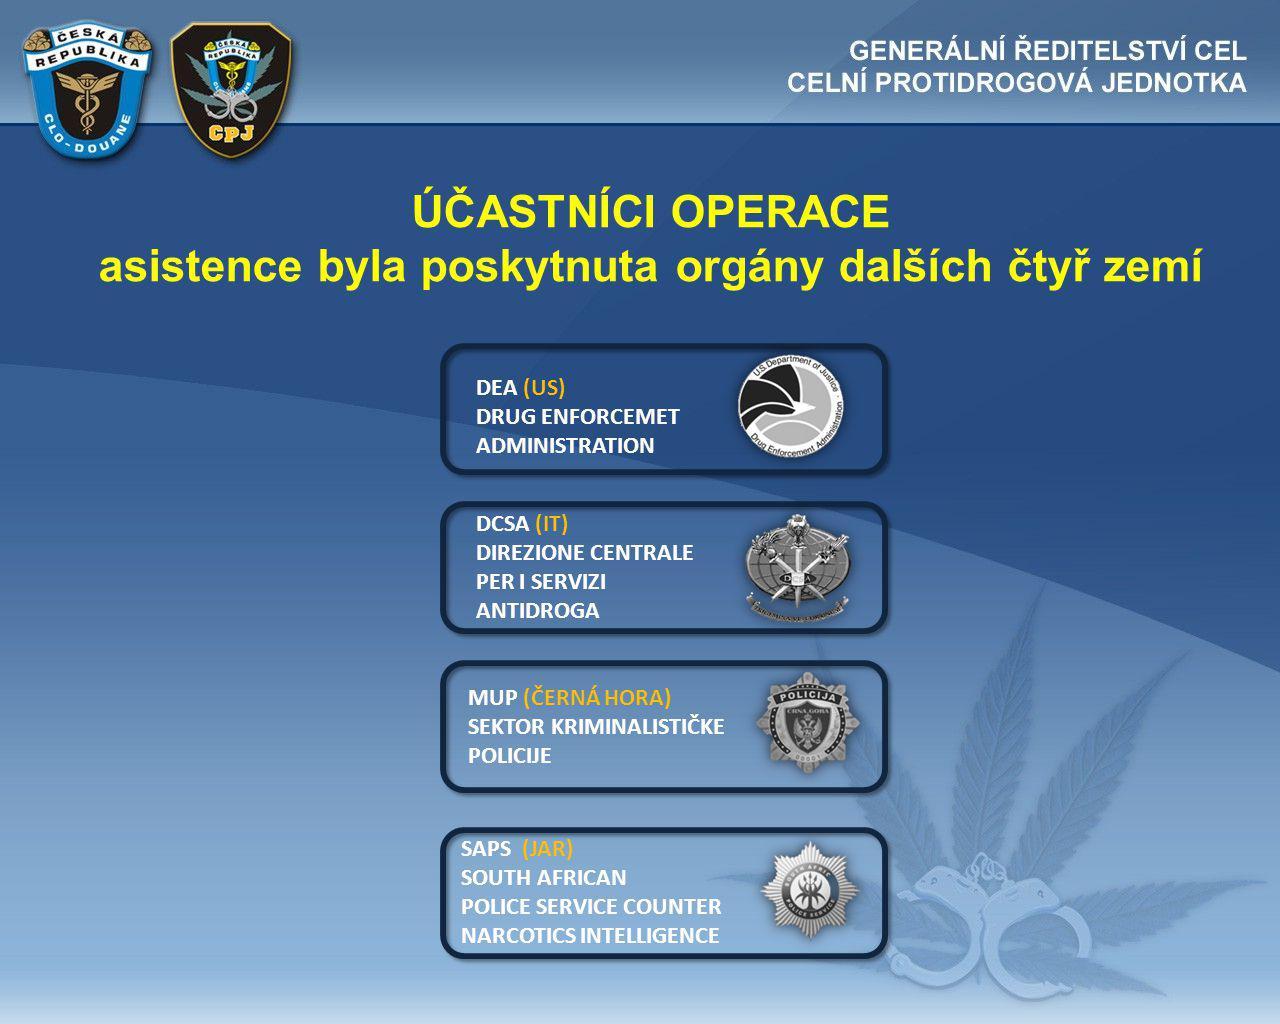 ÚČASTNÍCI OPERACE asistence byla poskytnuta orgány dalších čtyř zemí DEA (US) DRUG ENFORCEMET ADMINISTRATION DCSA (IT) DIREZIONE CENTRALE PER I SERVIZI ANTIDROGA MUP (ČERNÁ HORA) SEKTOR KRIMINALISTIČKE POLICIJE SAPS (JAR) SOUTH AFRICAN POLICE SERVICE COUNTER NARCOTICS INTELLIGENCE